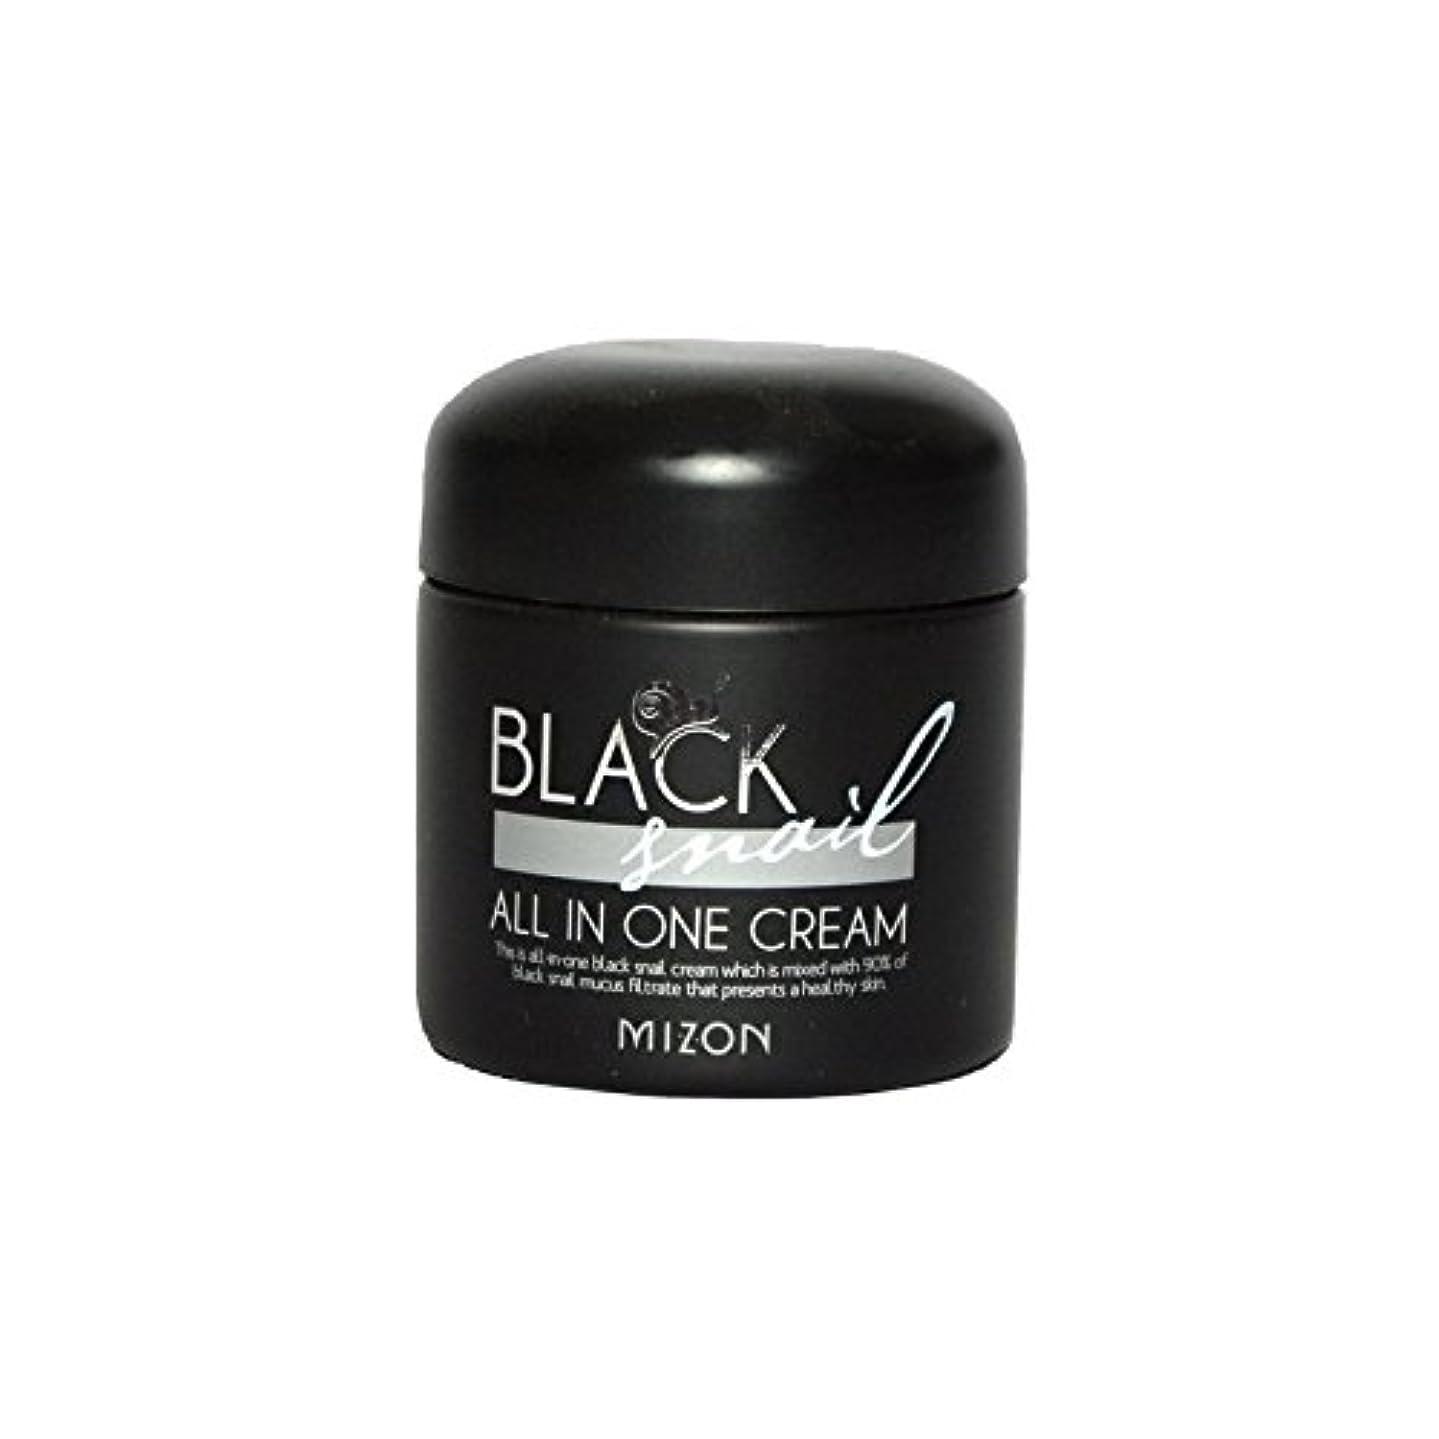 超越する危険を冒します高くMizon Black Snail All in One Cream - 黒カタツムリオールインワンクリーム [並行輸入品]